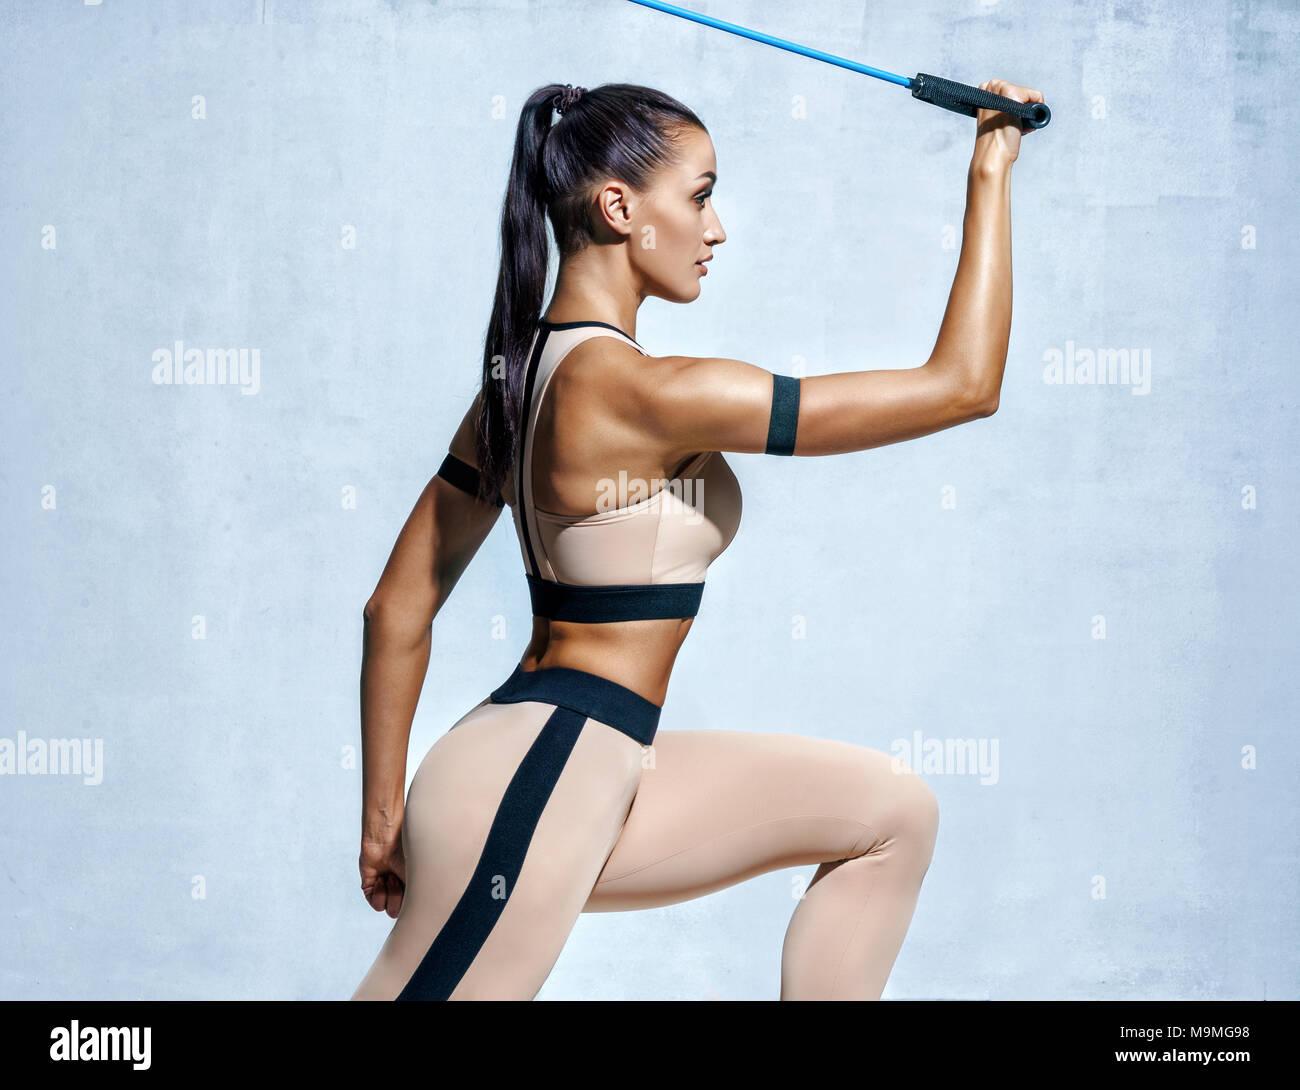 Mujer fuerte mediante la resistencia de banda en su rutina de ejercicio. Foto del modelo fitness entrenamiento sobre fondo gris. Fuerza y motivación Imagen De Stock